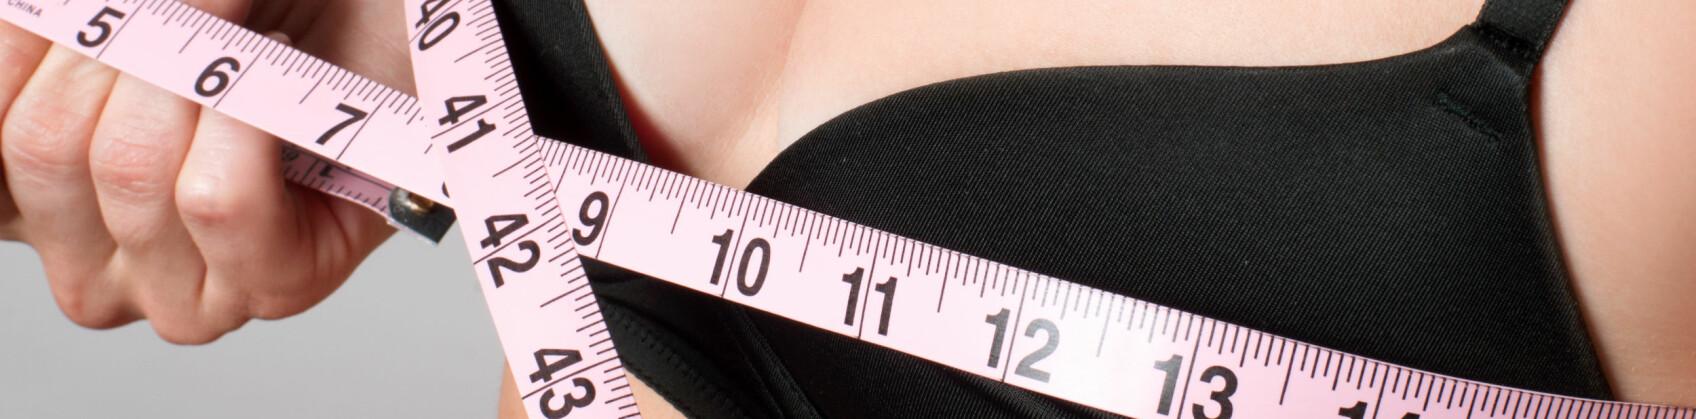 FEIL STØRRELSE: Ifølge KK.no bruker hele syv av ti kvinner feil BH-størrelse. FOTO: Scanpix